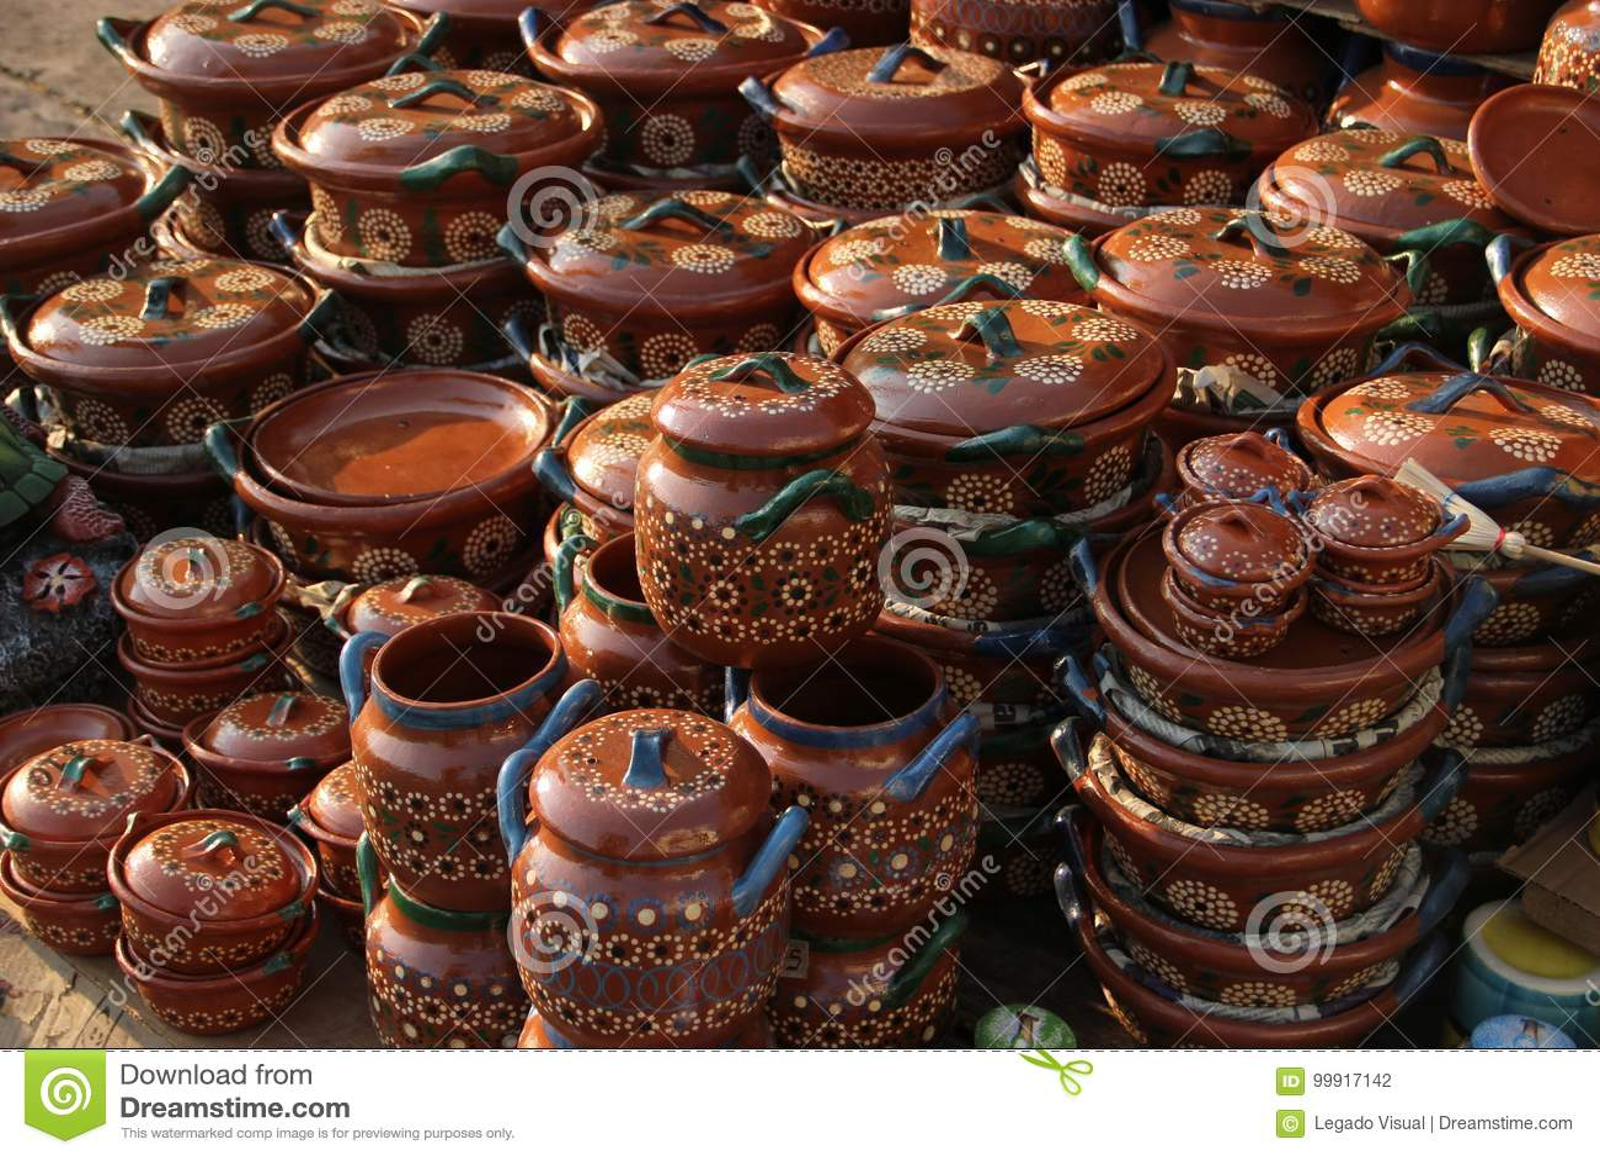 Mexicaanse keramiek